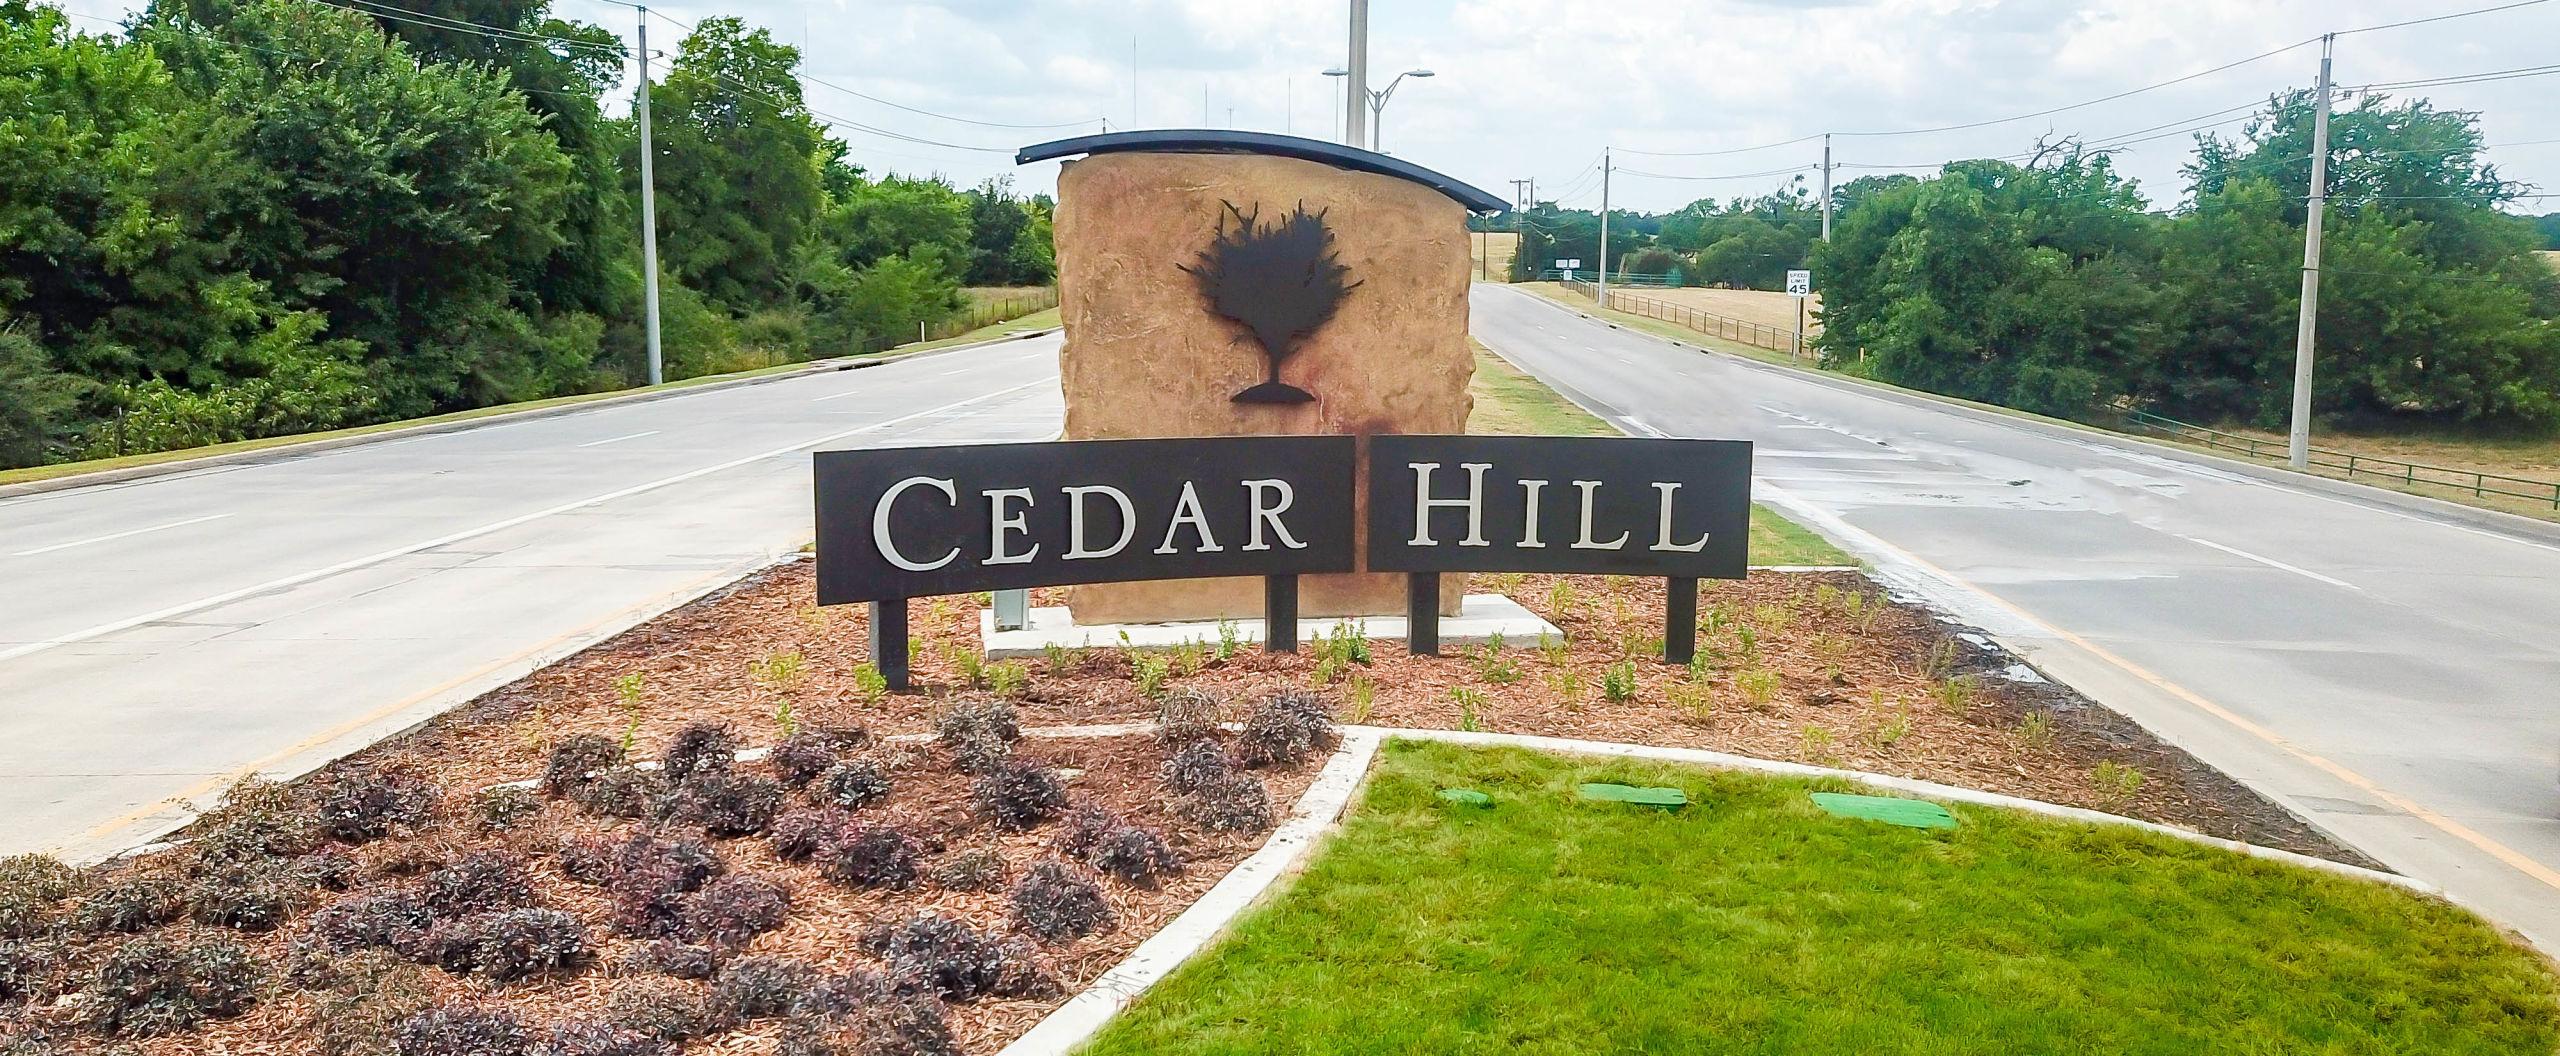 Cedar Hill - Where Opportunities Grow Naturally